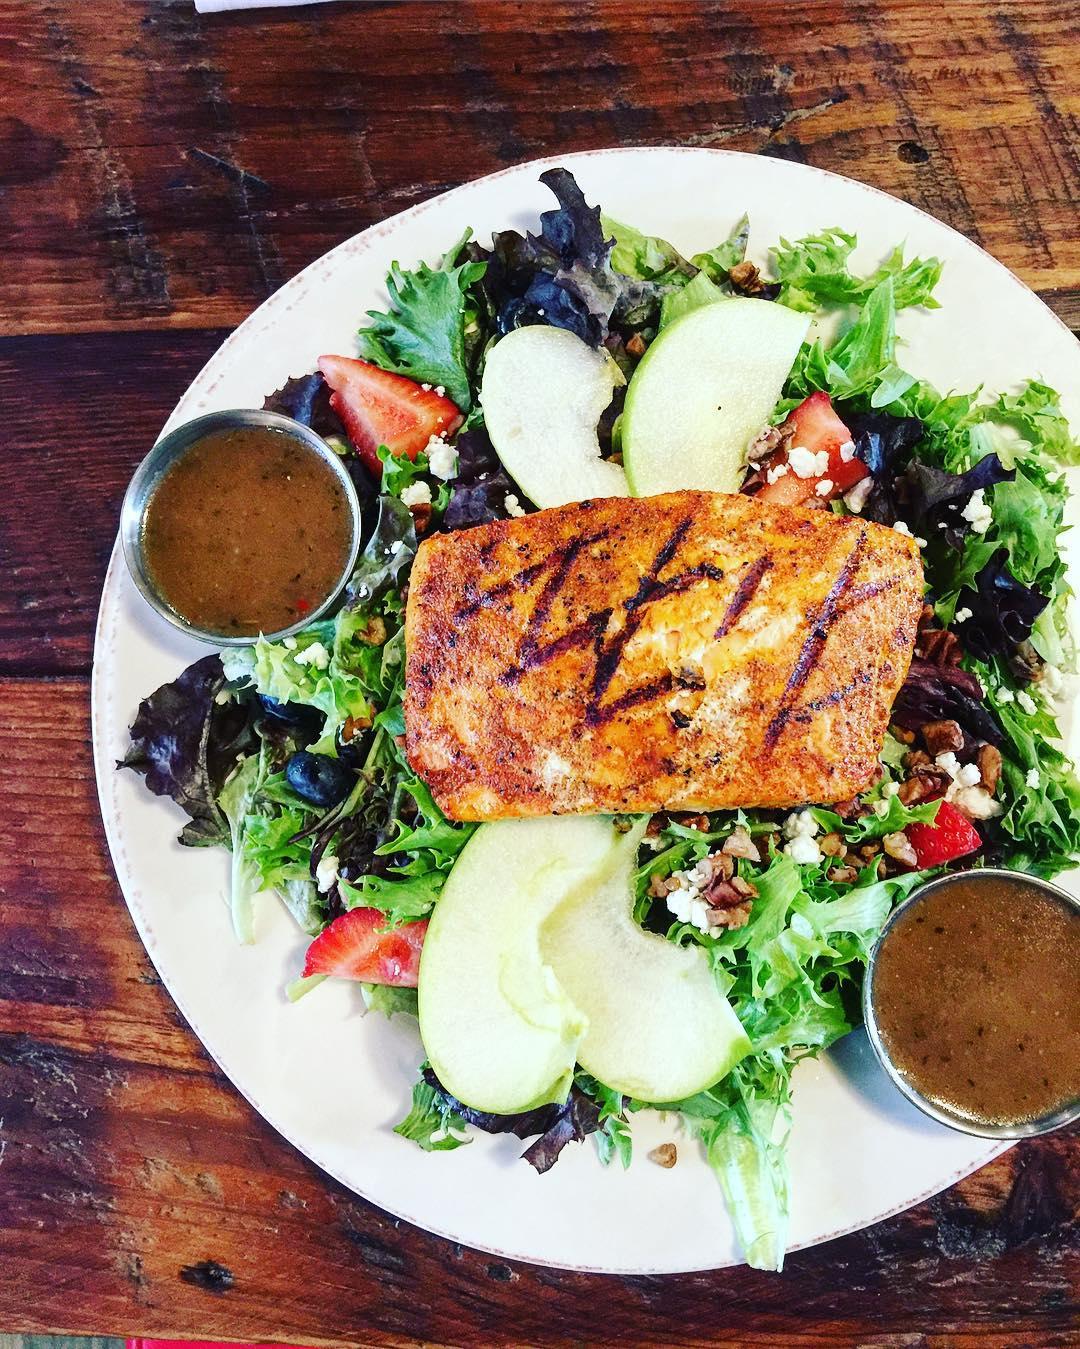 Smoked Salmon. BowTie Salad. Boom